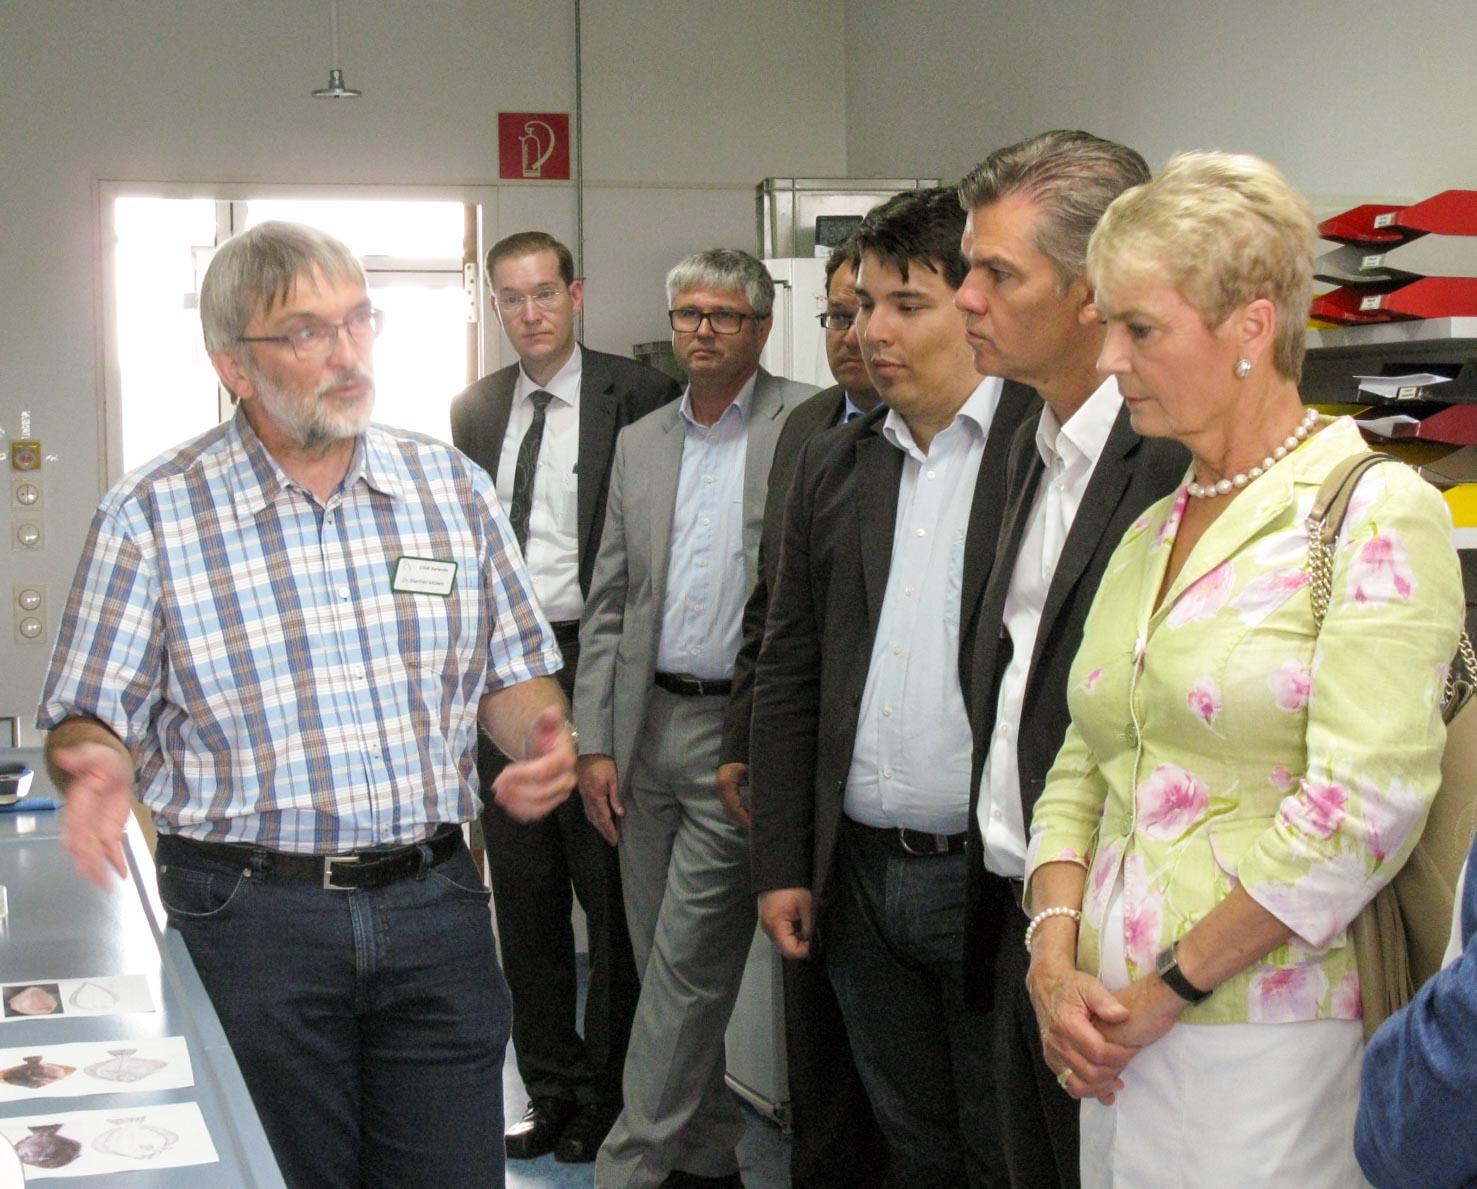 FrauStaatssekretärin Friedlinde Gurr-Hirsch im Gespräch mit Herrn Dr. Möllers (Fischlabor). (Foto:CVUA Karlsruhe).